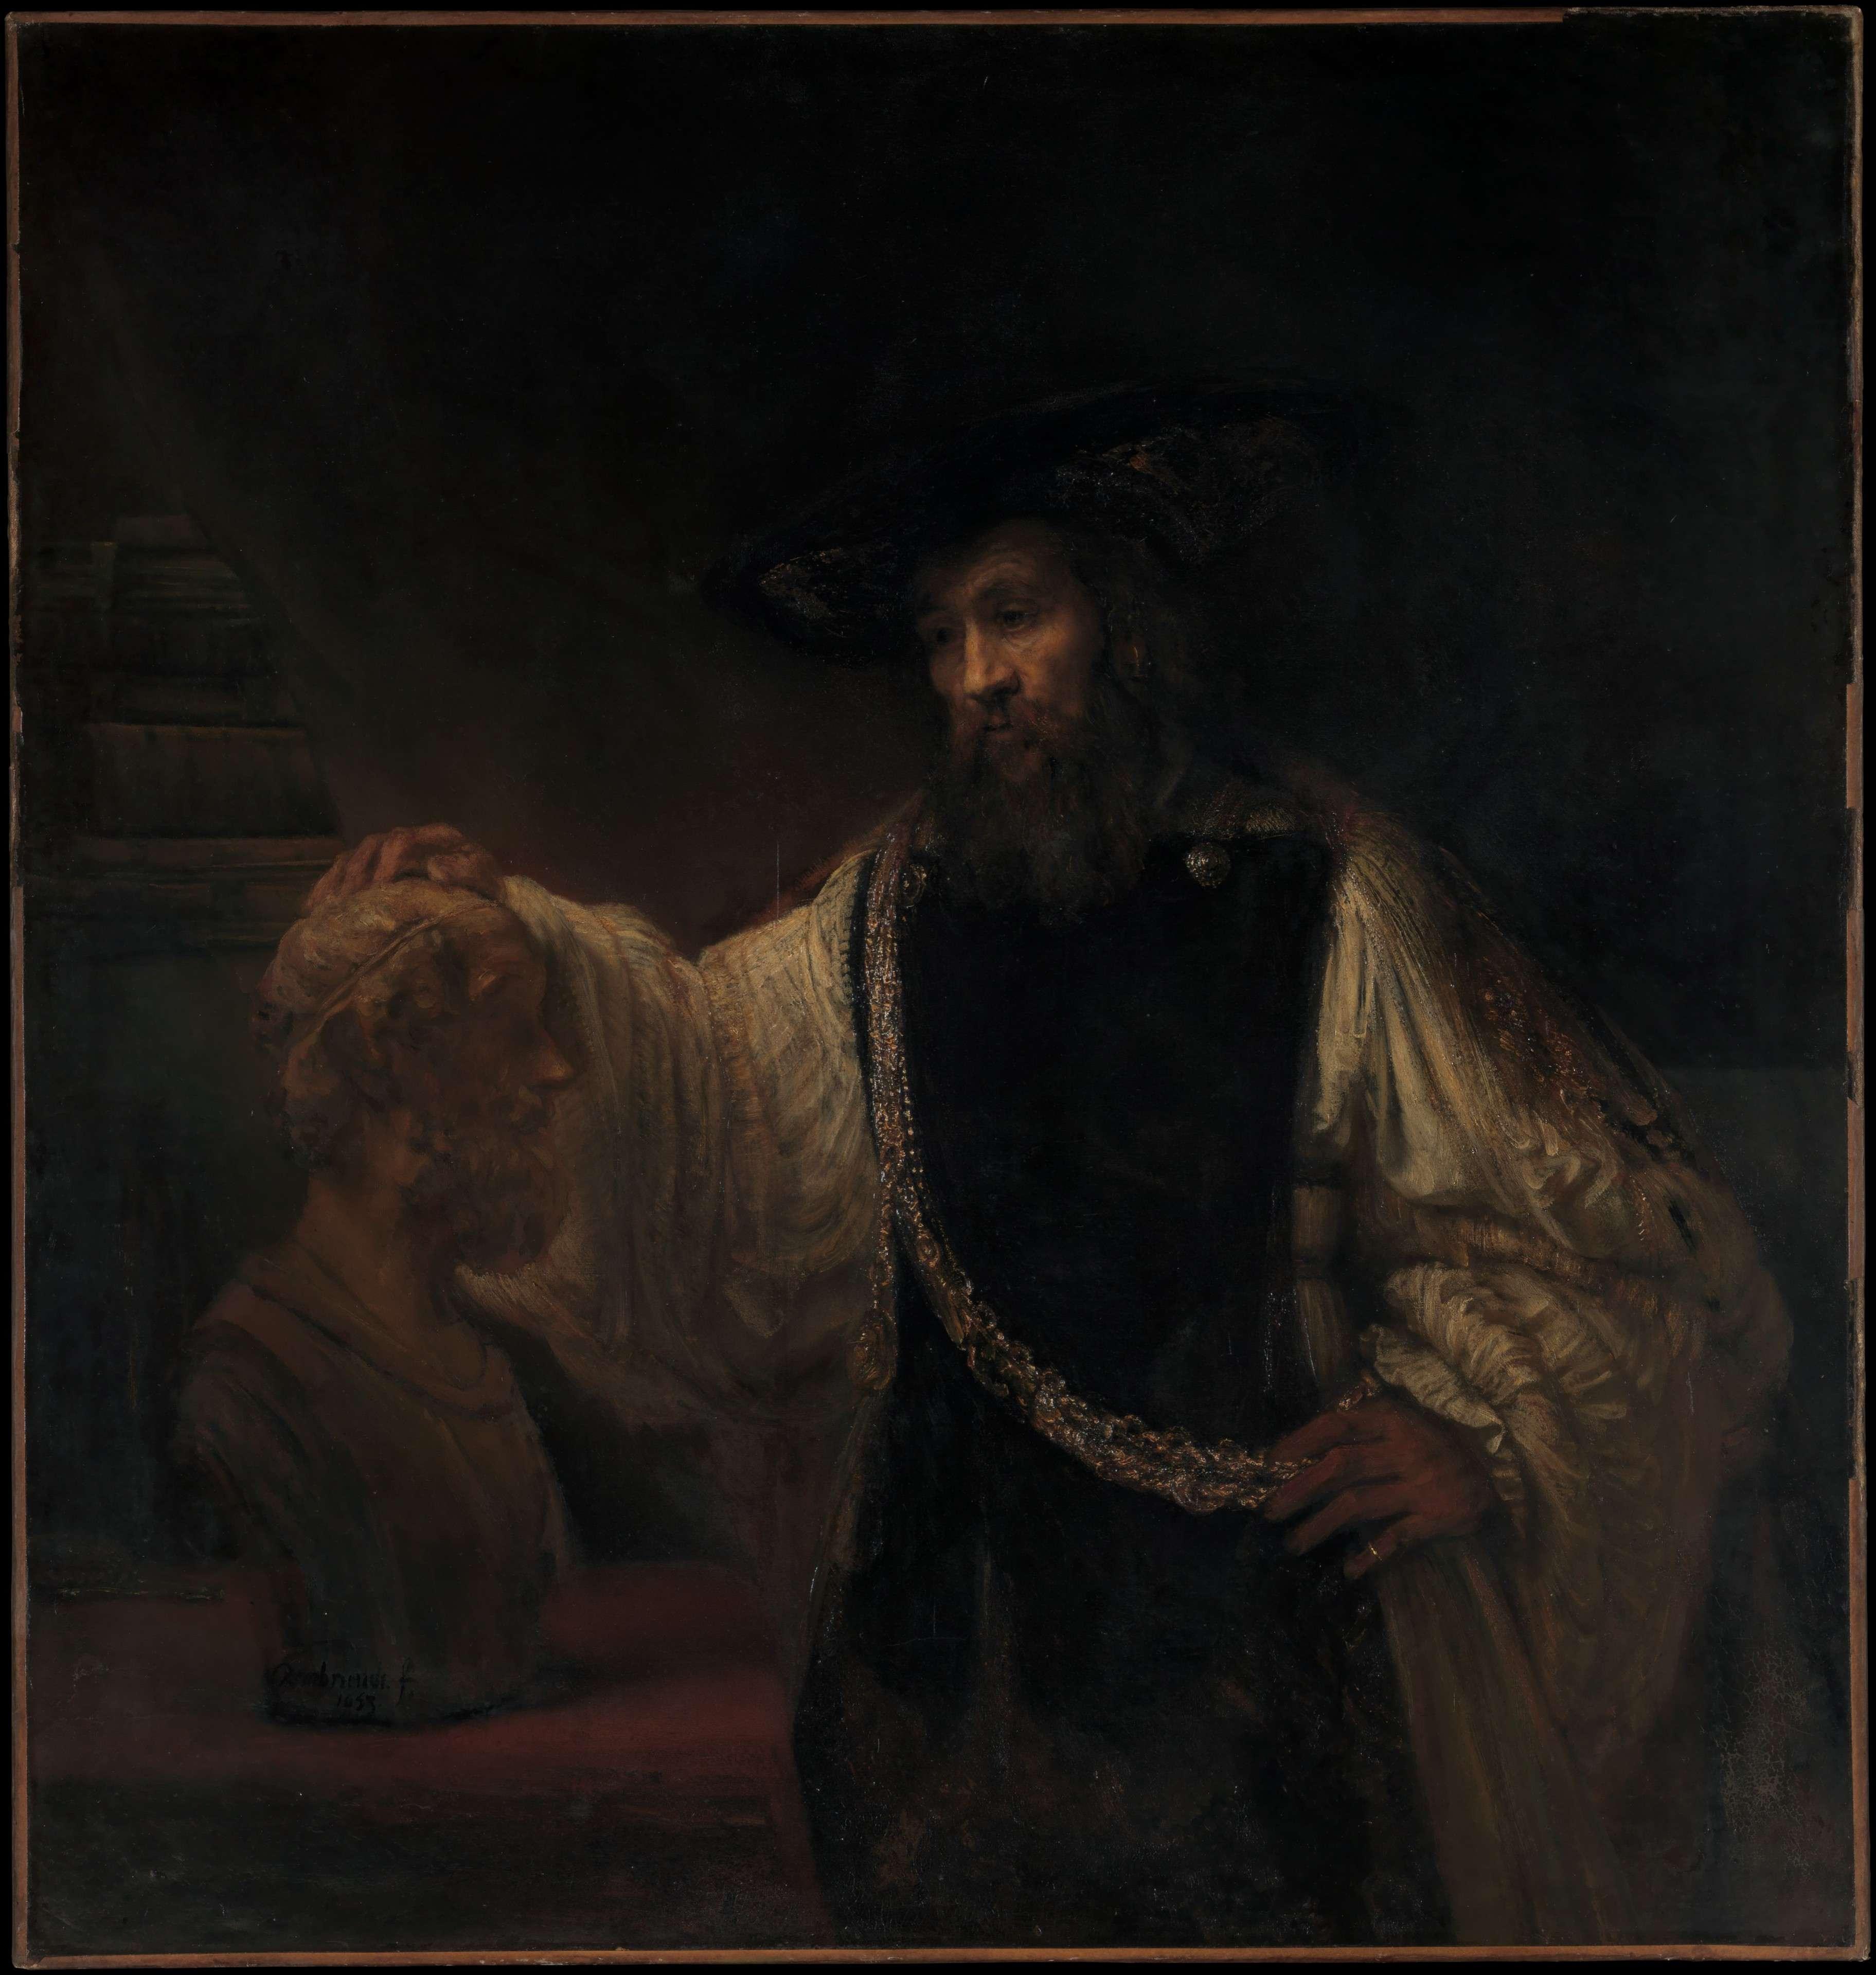 Μαθήματα Κλασικής Παιδείας – Ηθικά Νικομάχεια του Αριστοτέλη